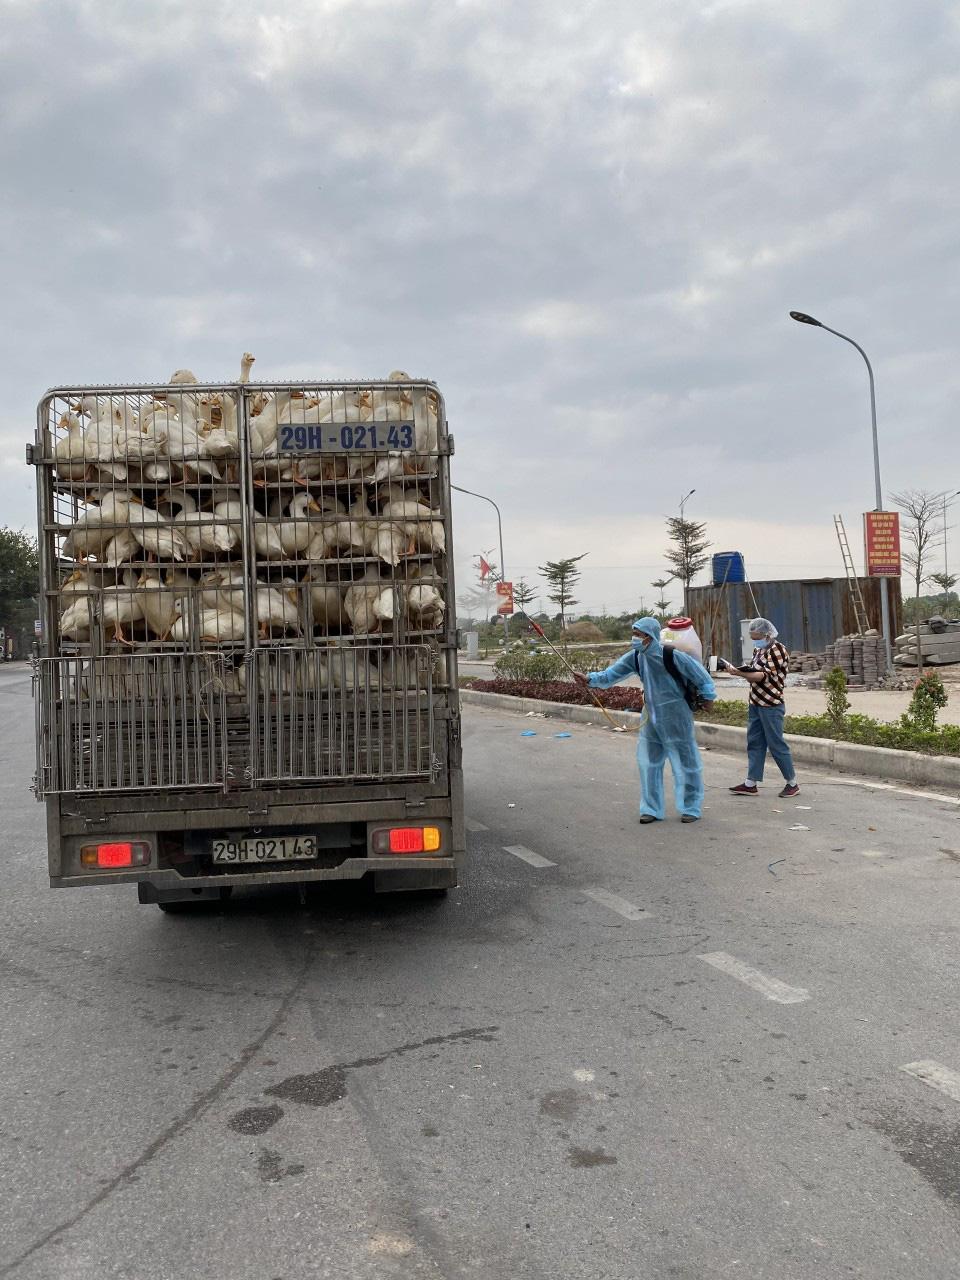 700.000 con gà cần tiêu thụ gấp, Hải Dương mong các tỉnh tạo điều kiện vận chuyển - Ảnh 3.